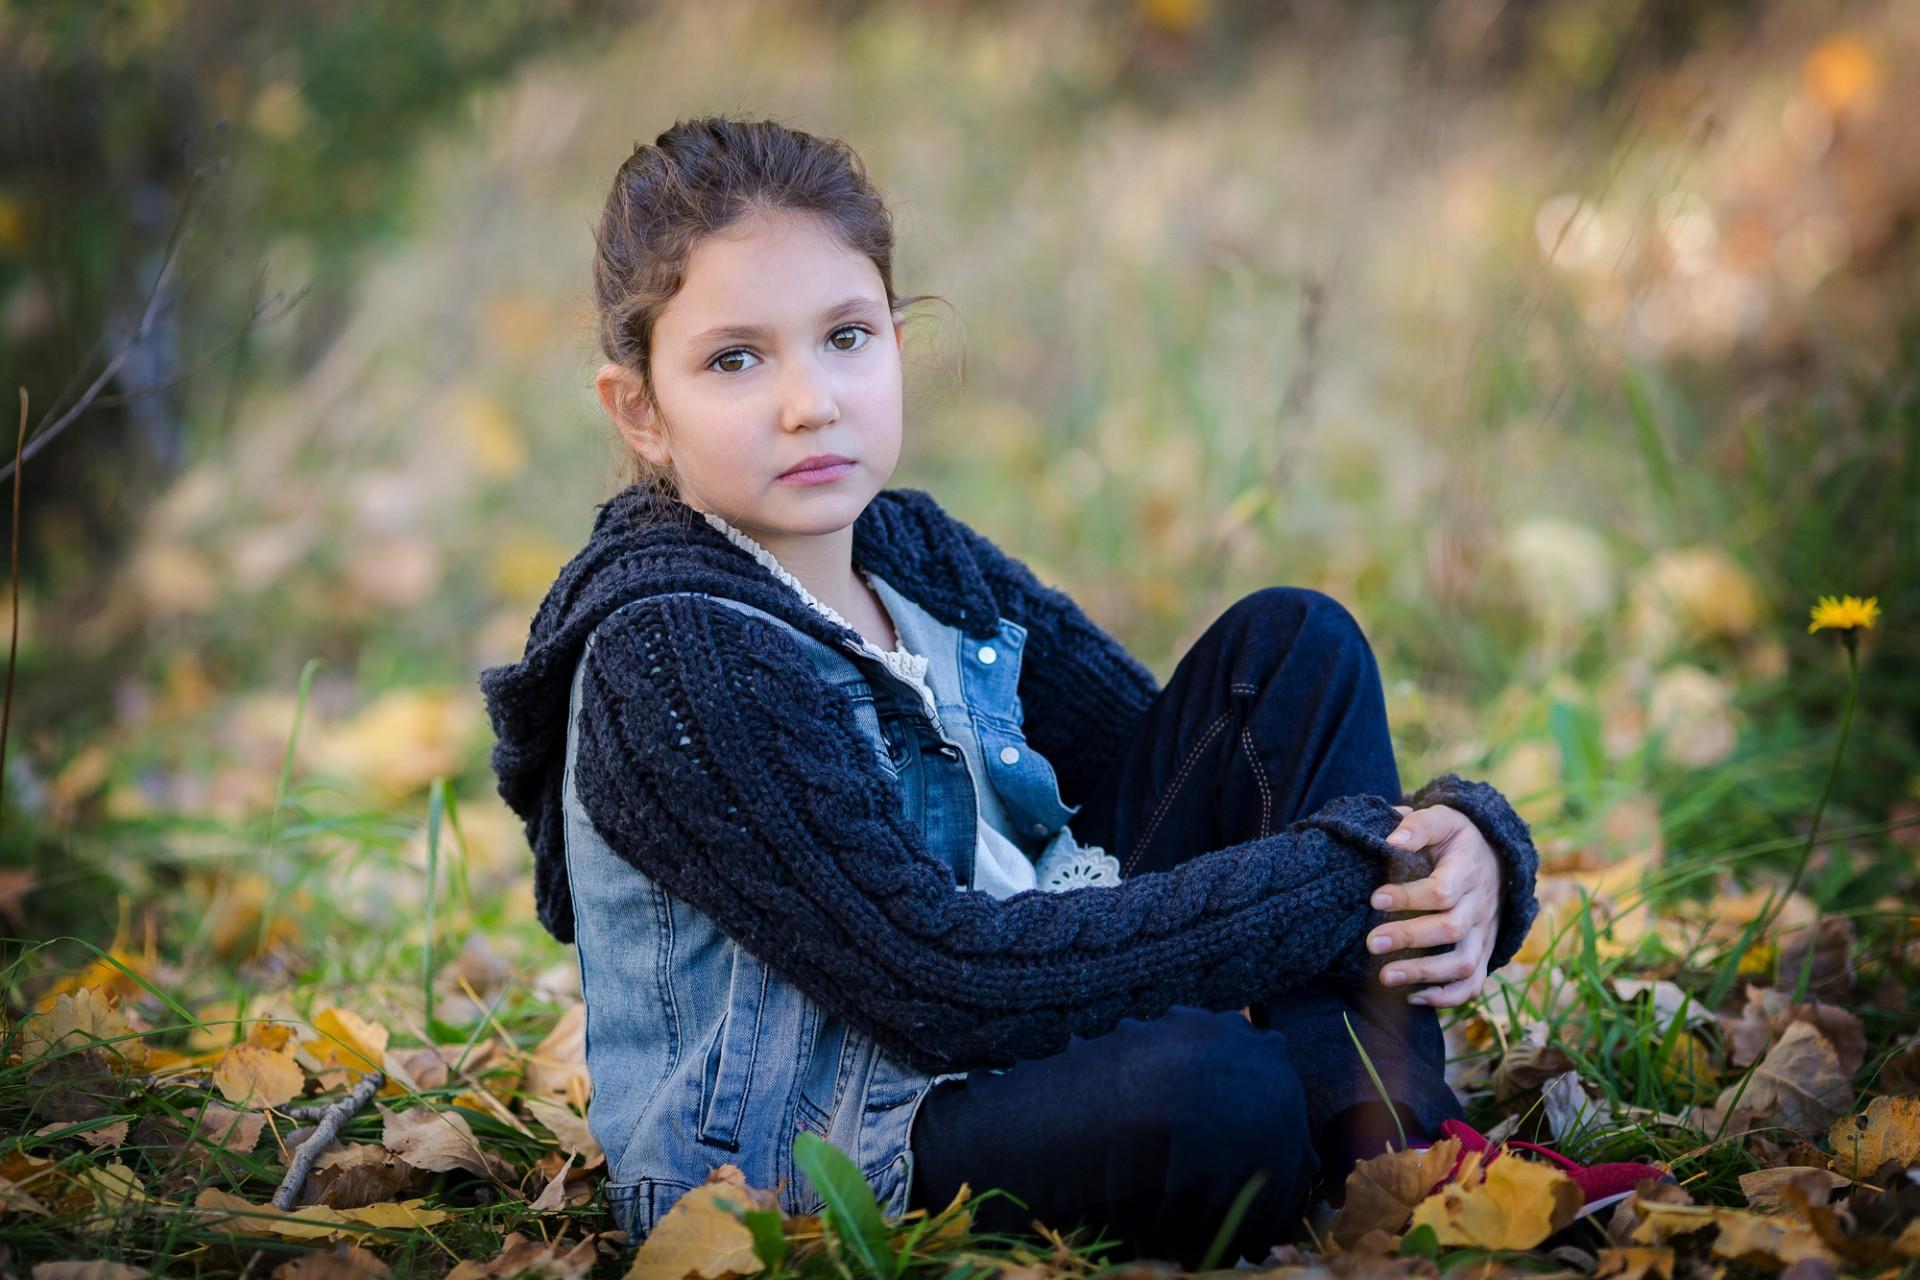 #детска фотография (11)